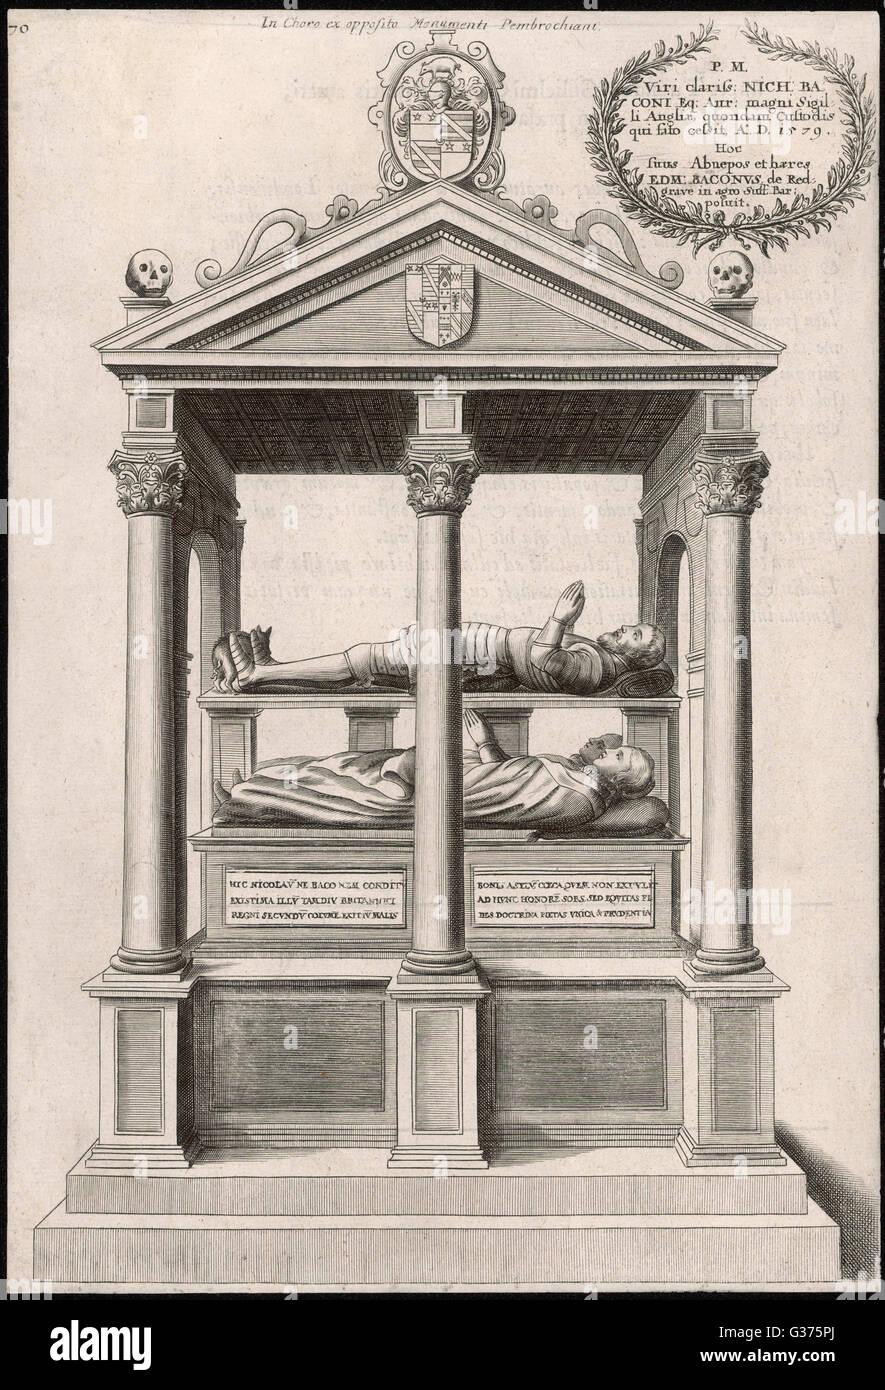 Ähnlich im Konzept einer zwei-Bett-Eisenbahn-Schlafwagen, platzsparend dieses Denkmal von Gehäuse Nicholas Stockbild